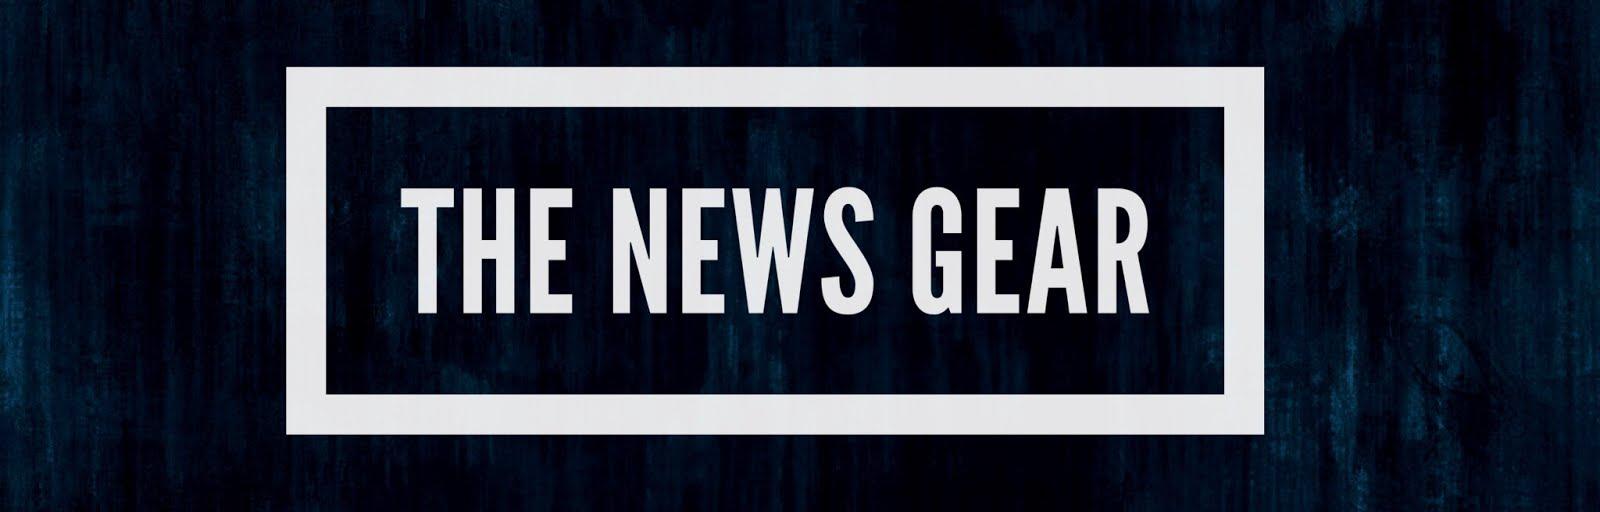 The News Gear